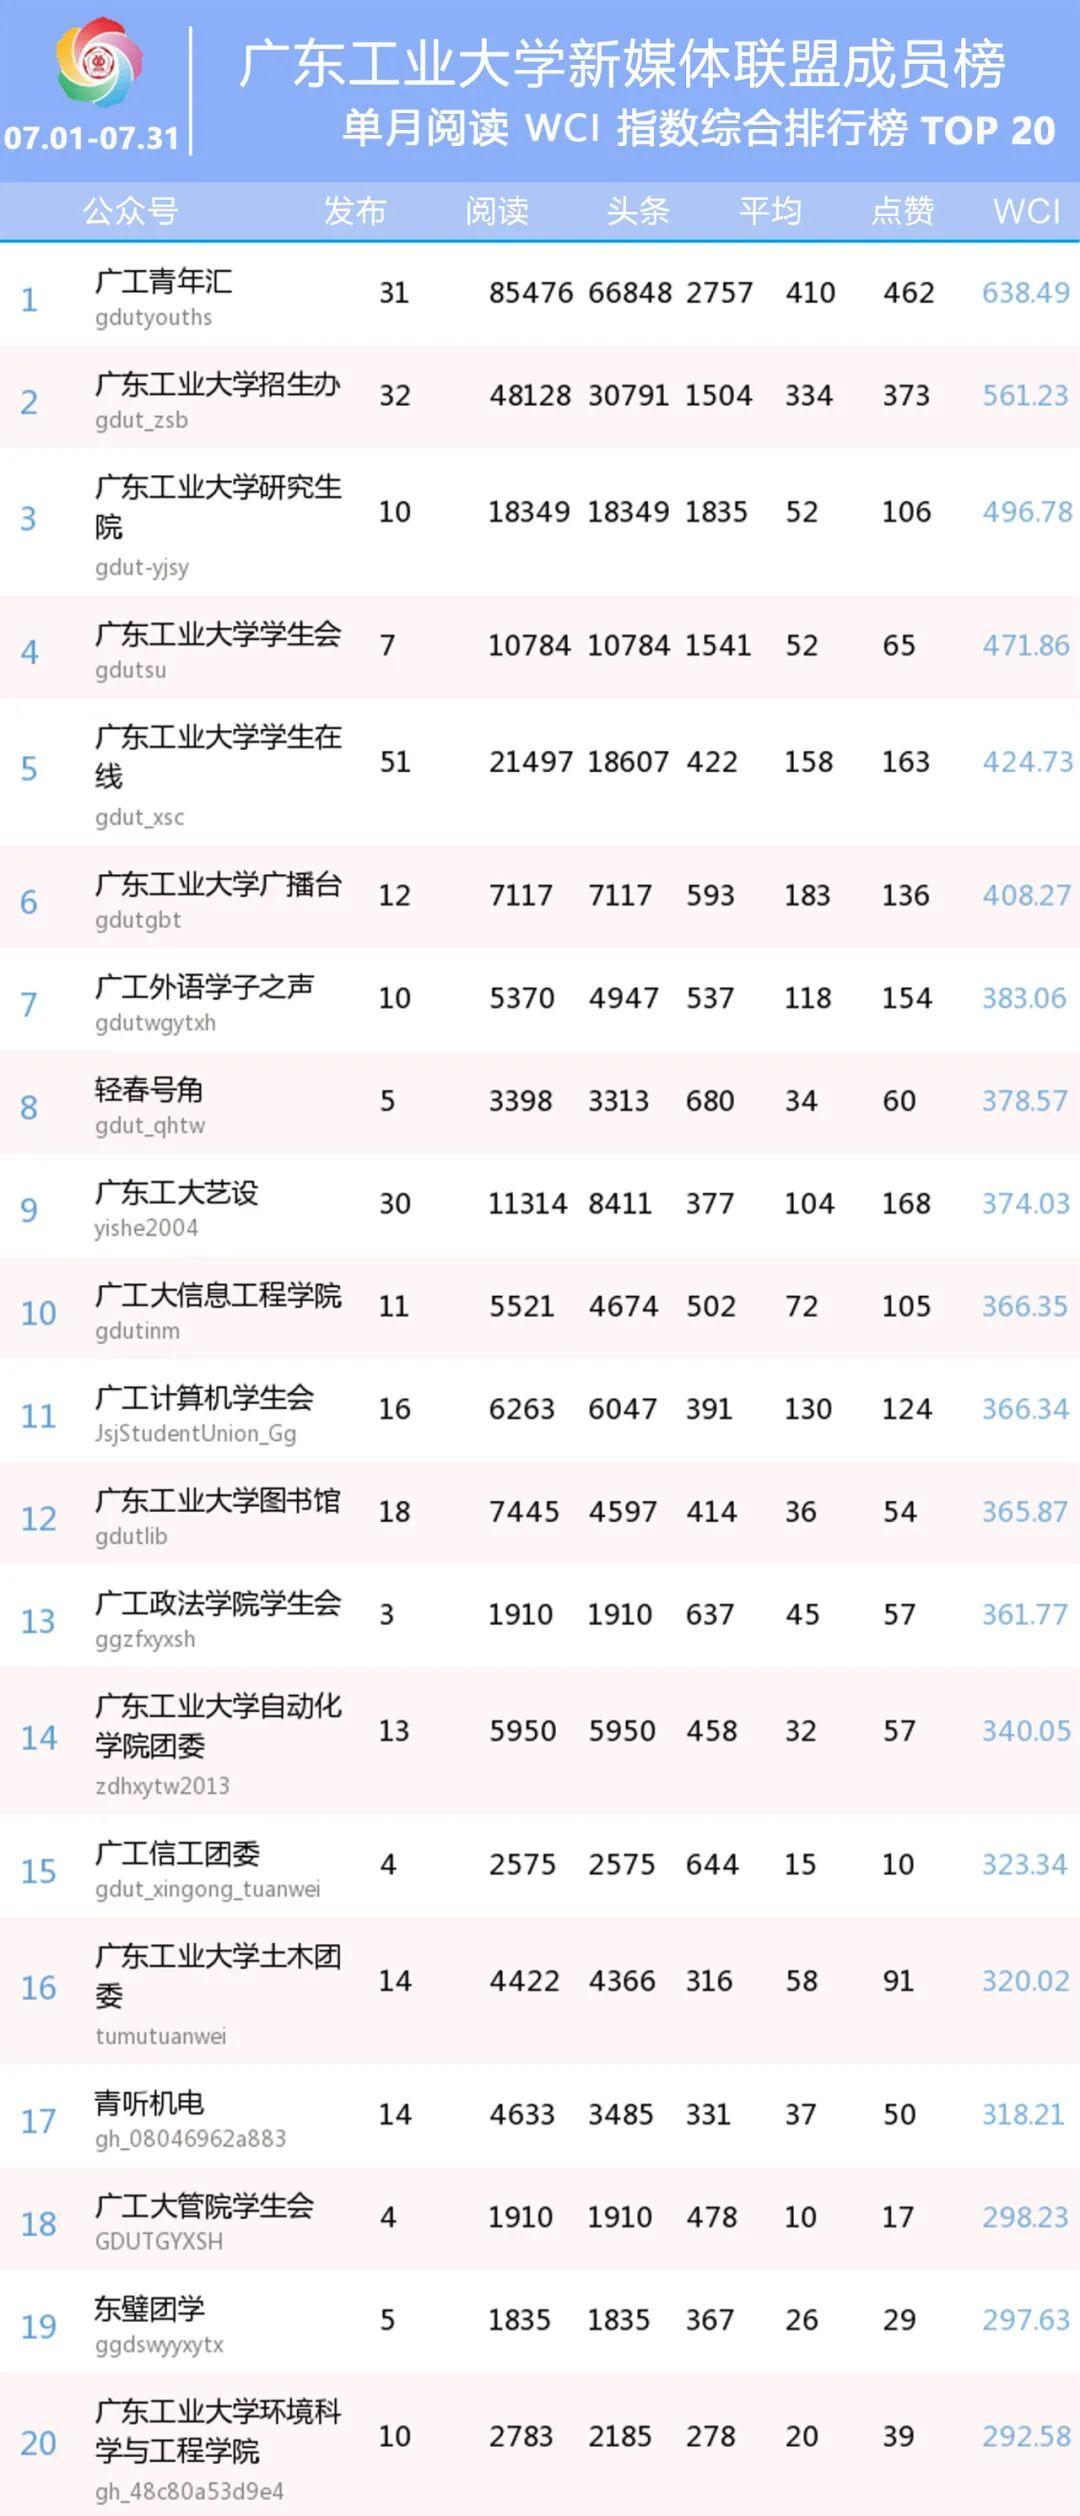 广工月榜 | 广东工业大学新媒体联盟成员微信排行榜【07.01-07.31】